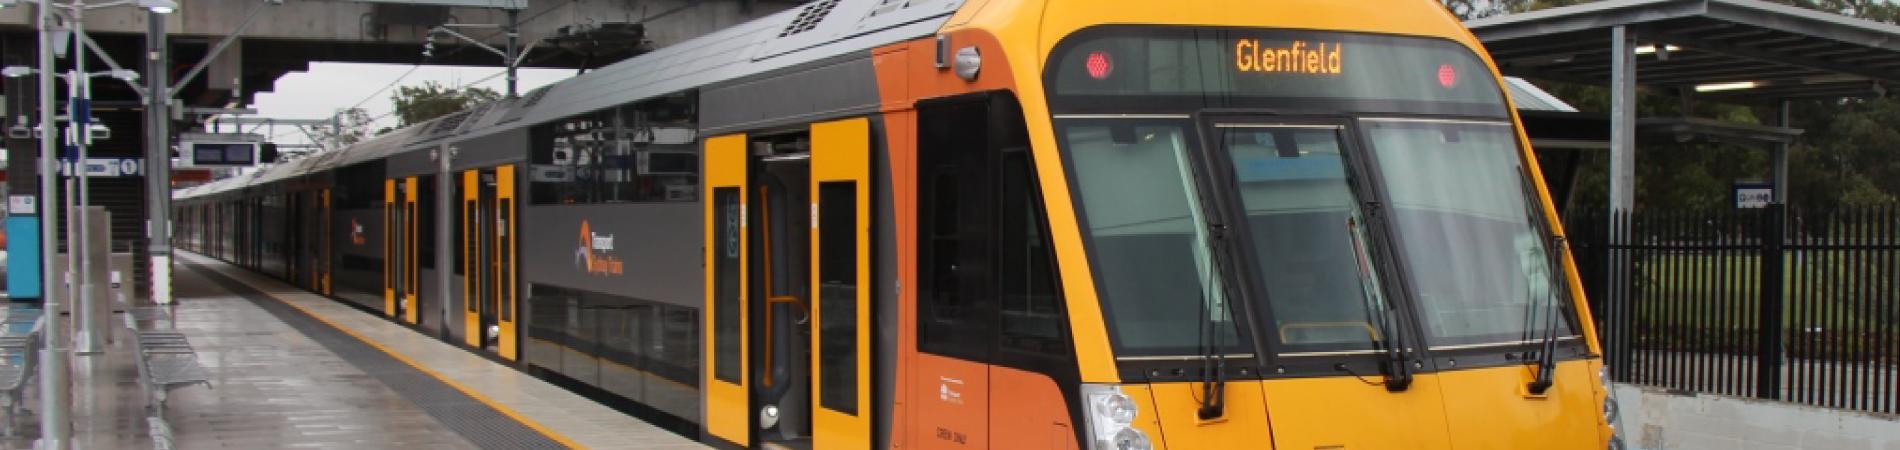 Modernización de la red ferroviaria de cercanías de Sídney